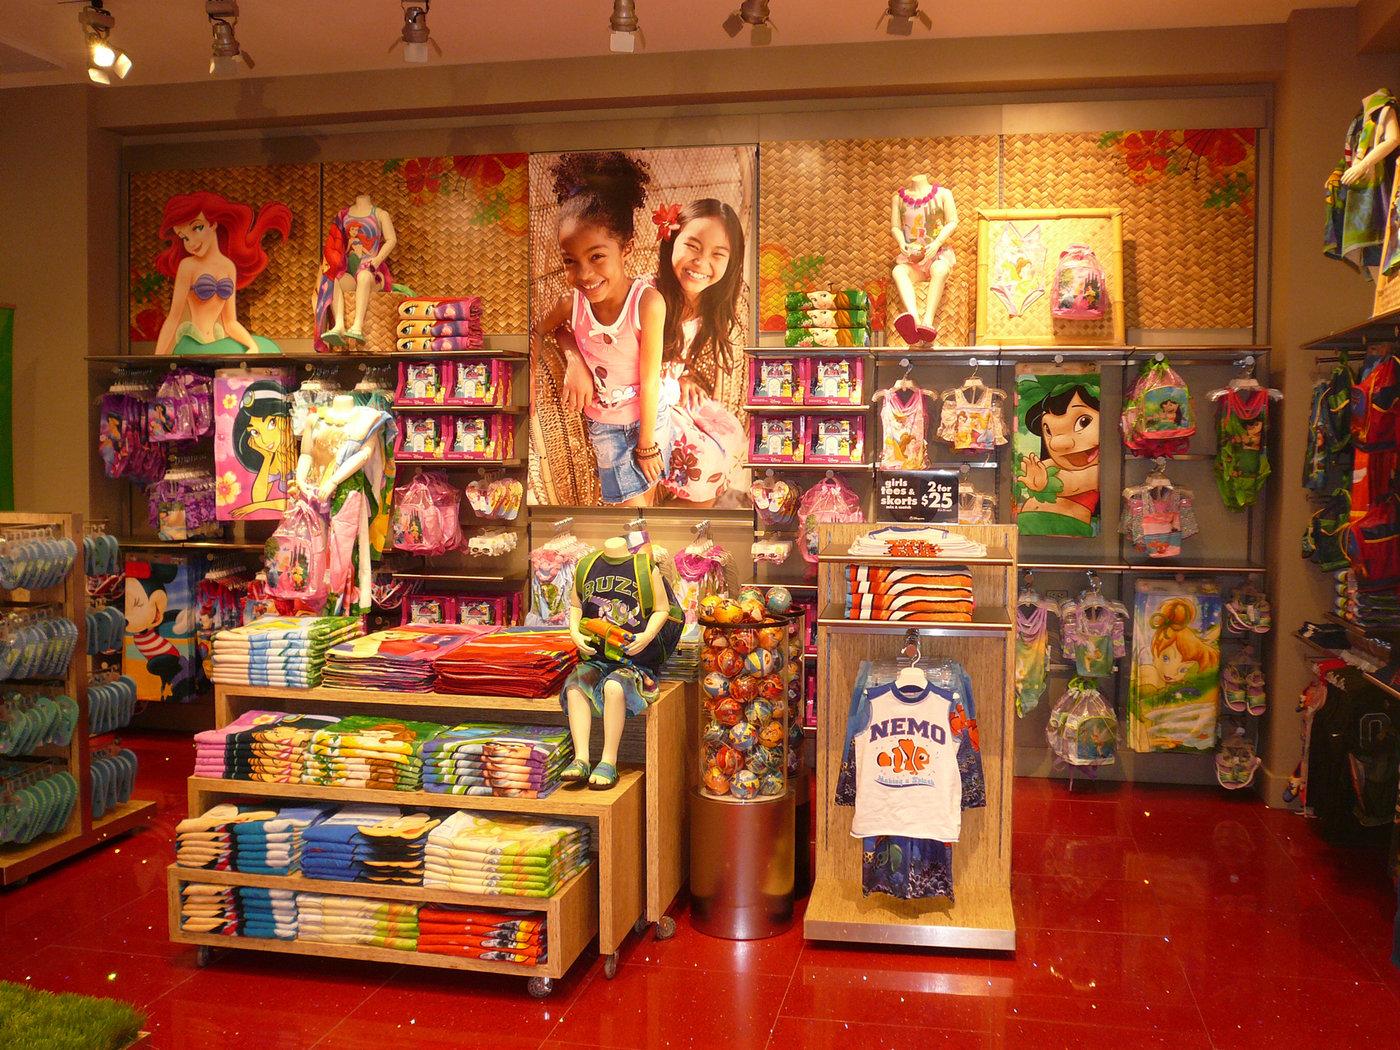 Картинка магазина продуктов одежды игрушек